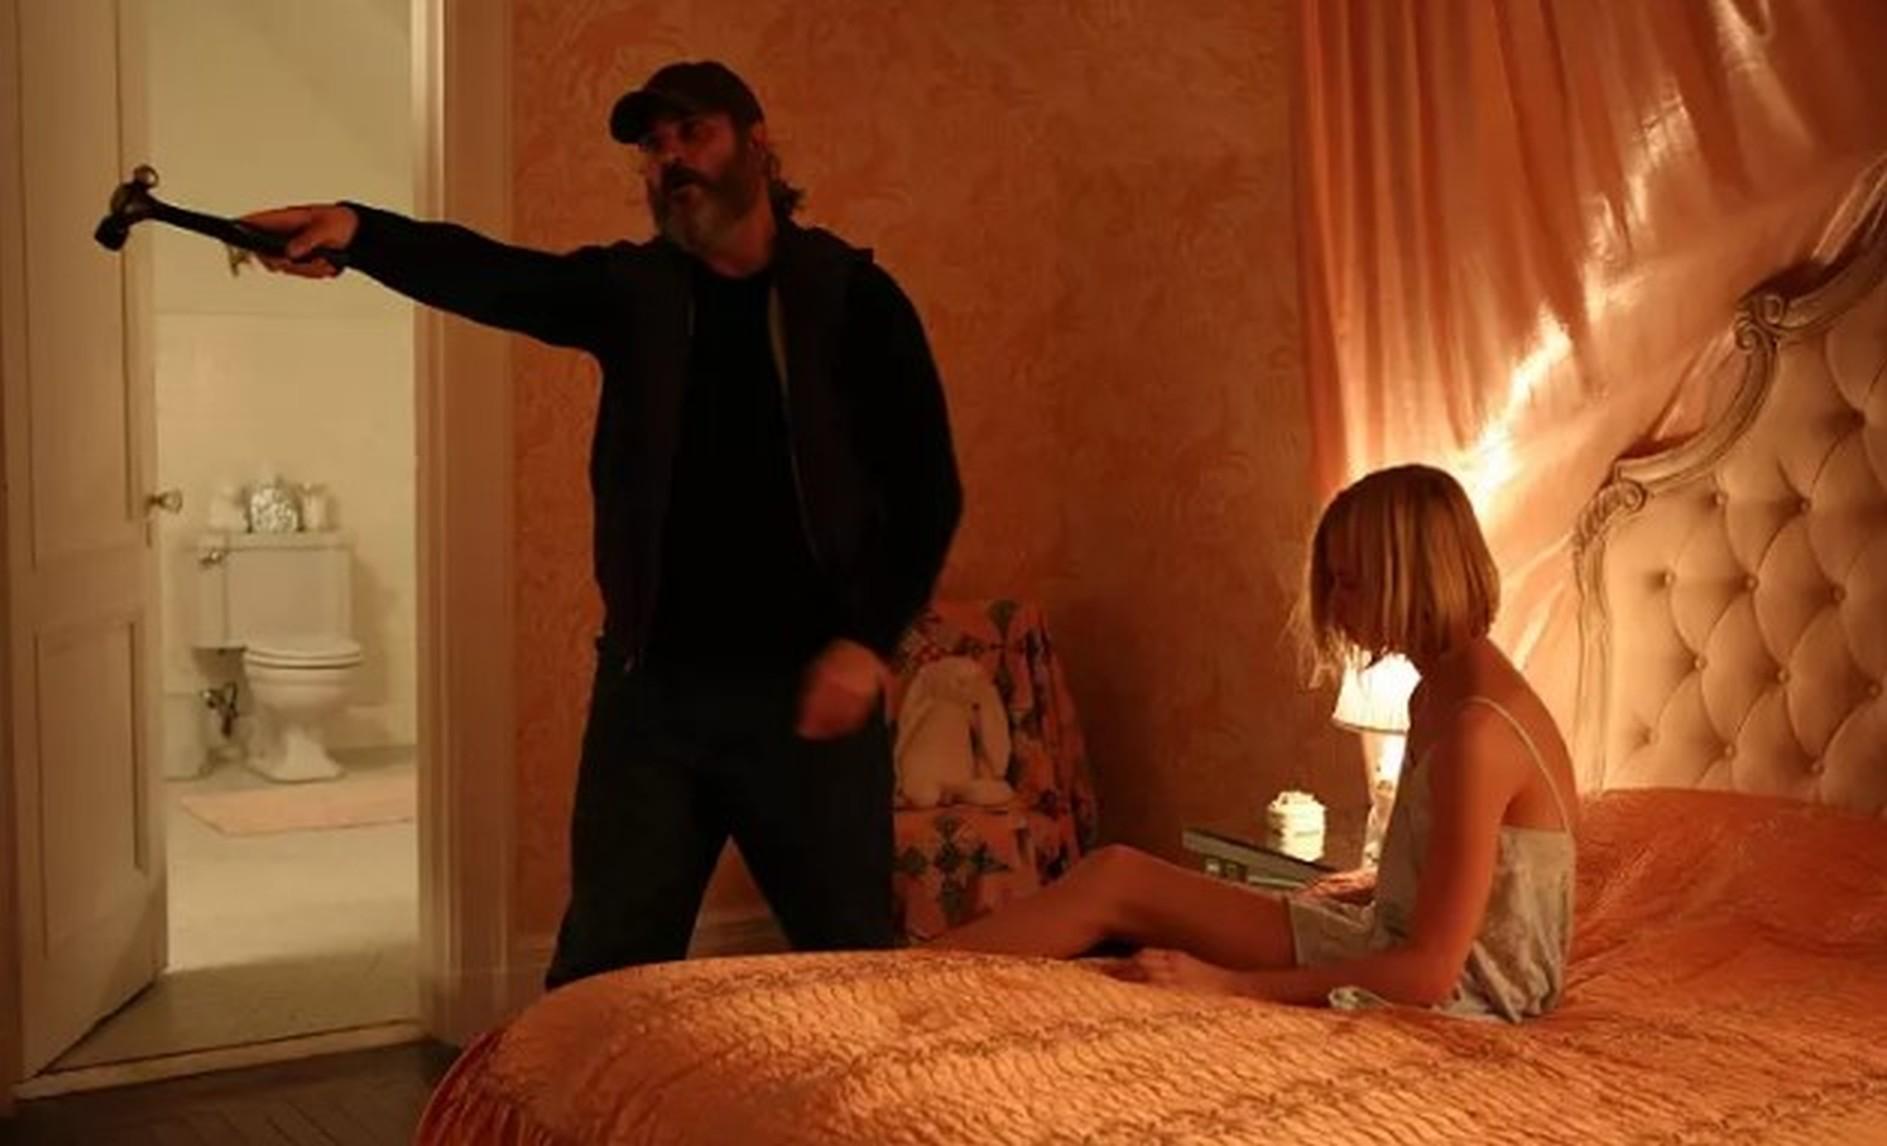 #扁豆看电影#小萝莉被恋童癖囚禁当性玩具,杀手大叔去救她,结局绝对猜不到!